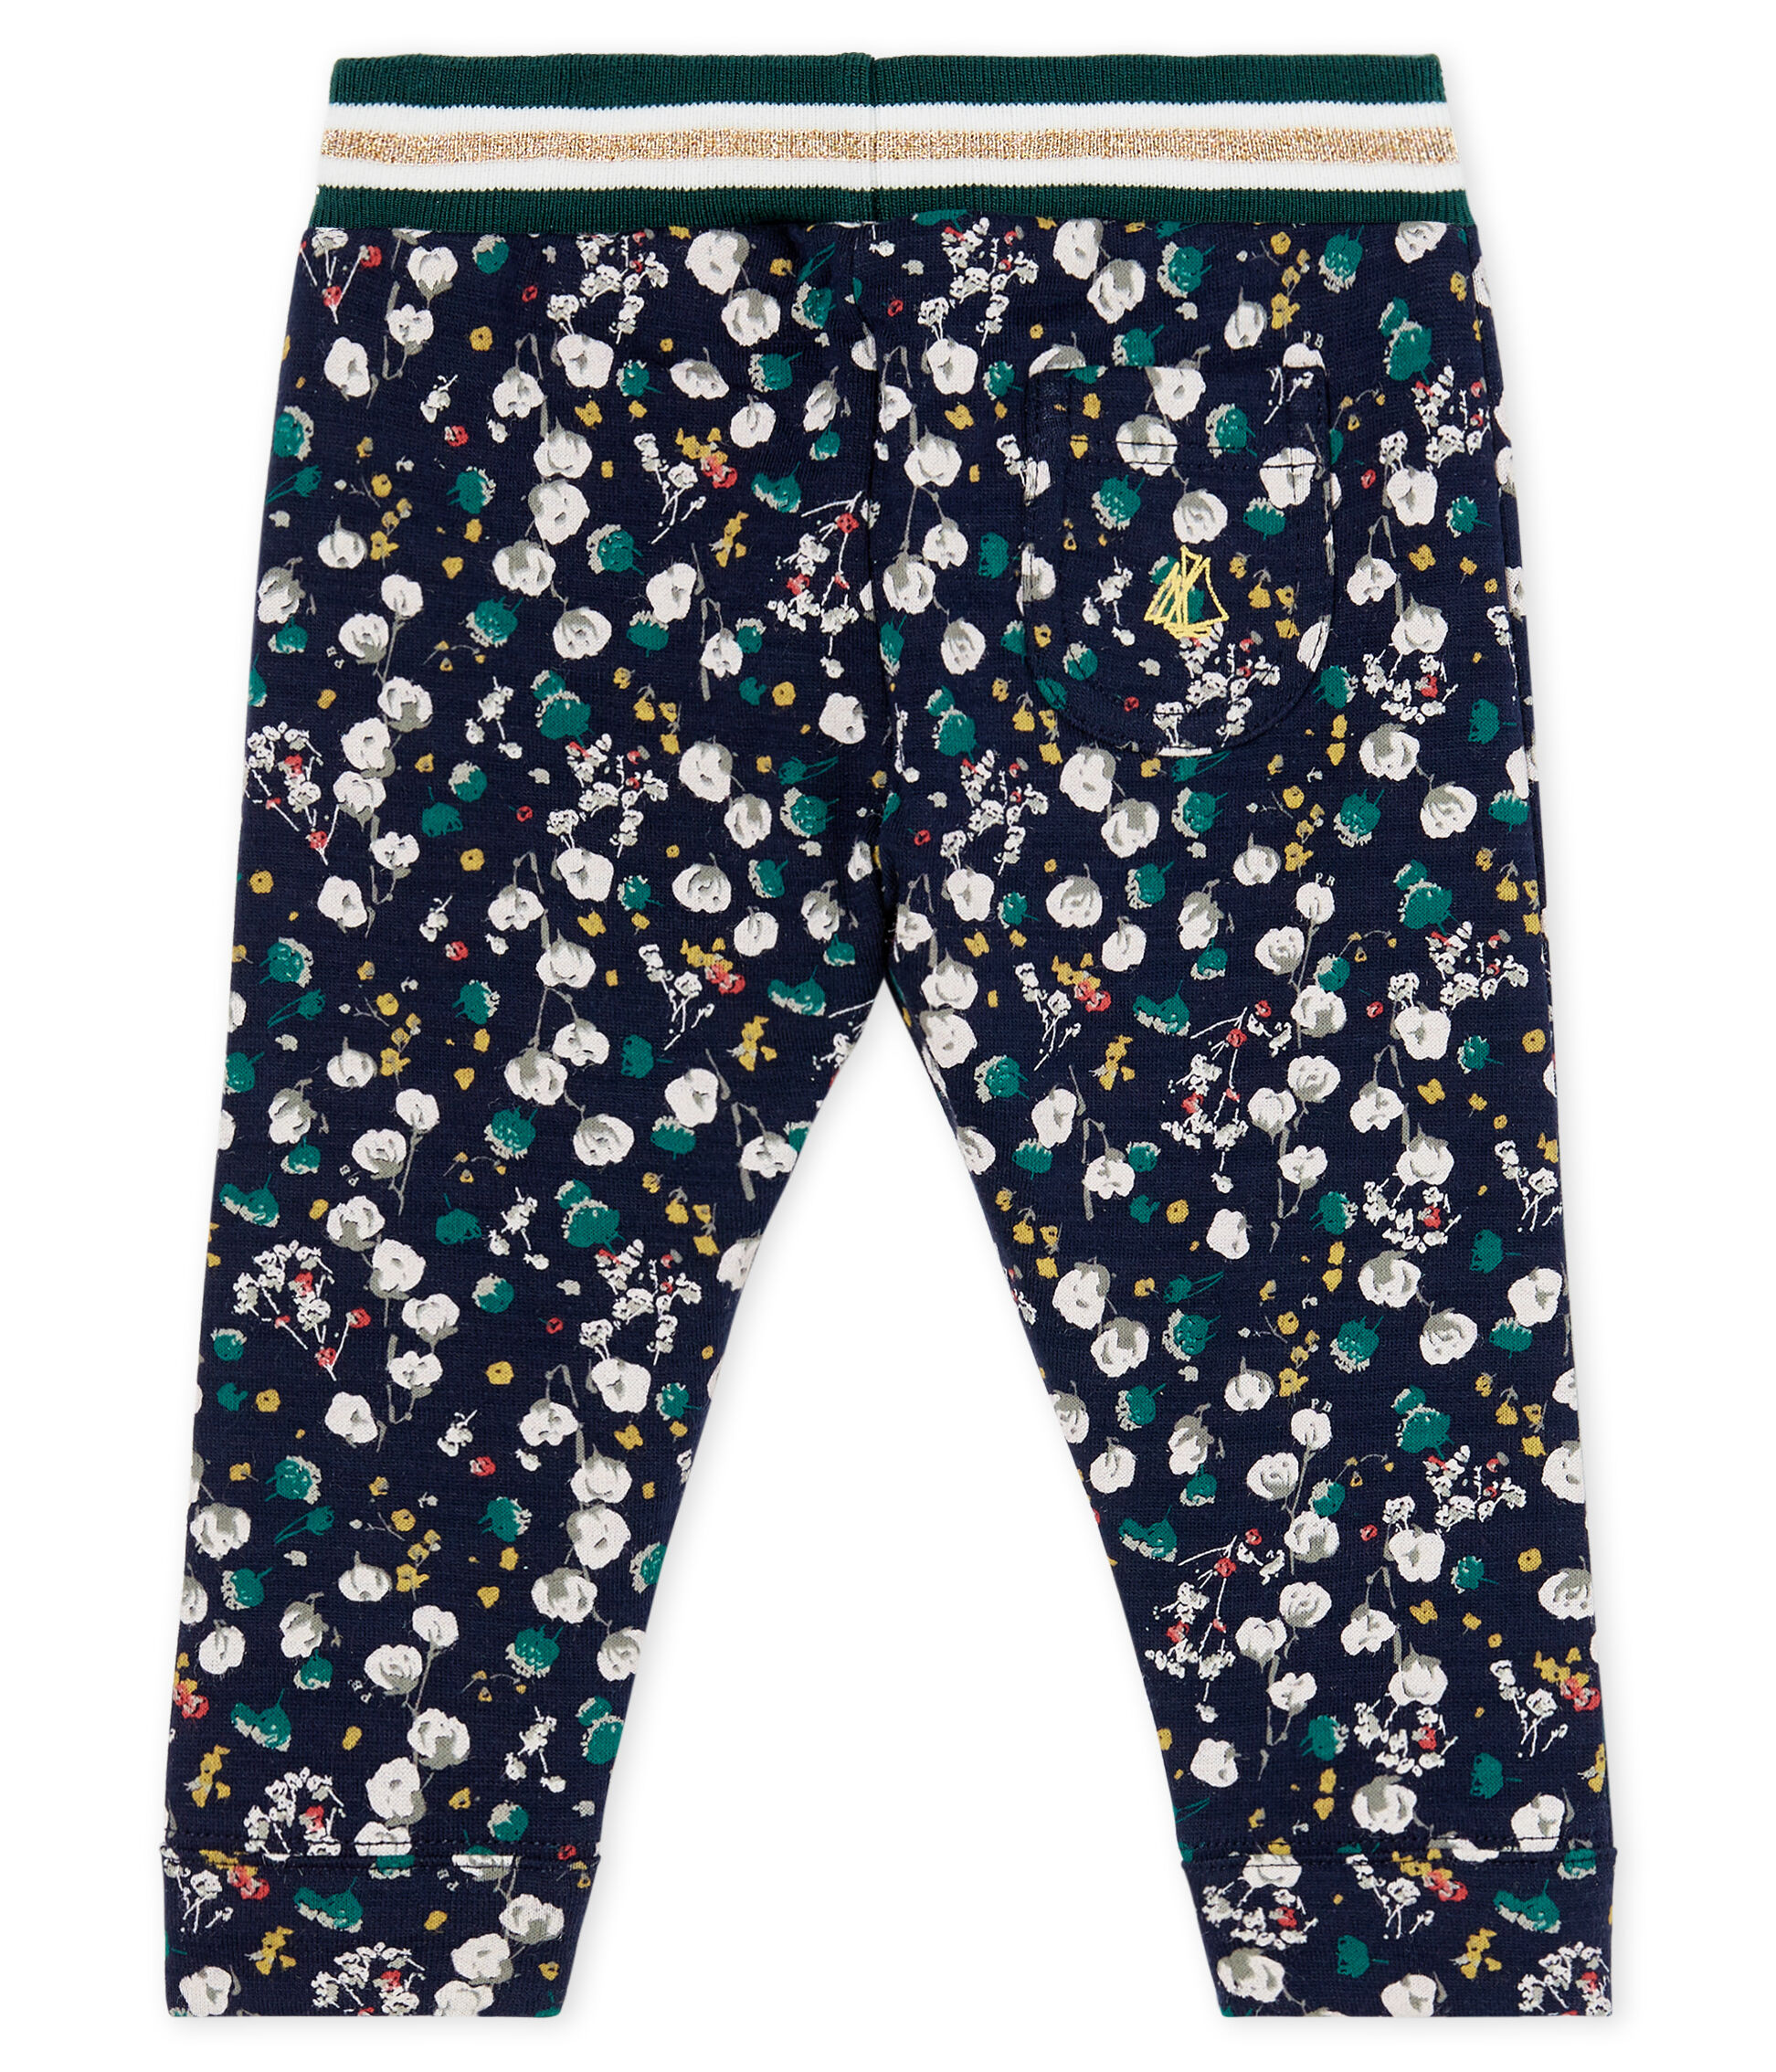 Petit Bateau Pantalones para Beb/és